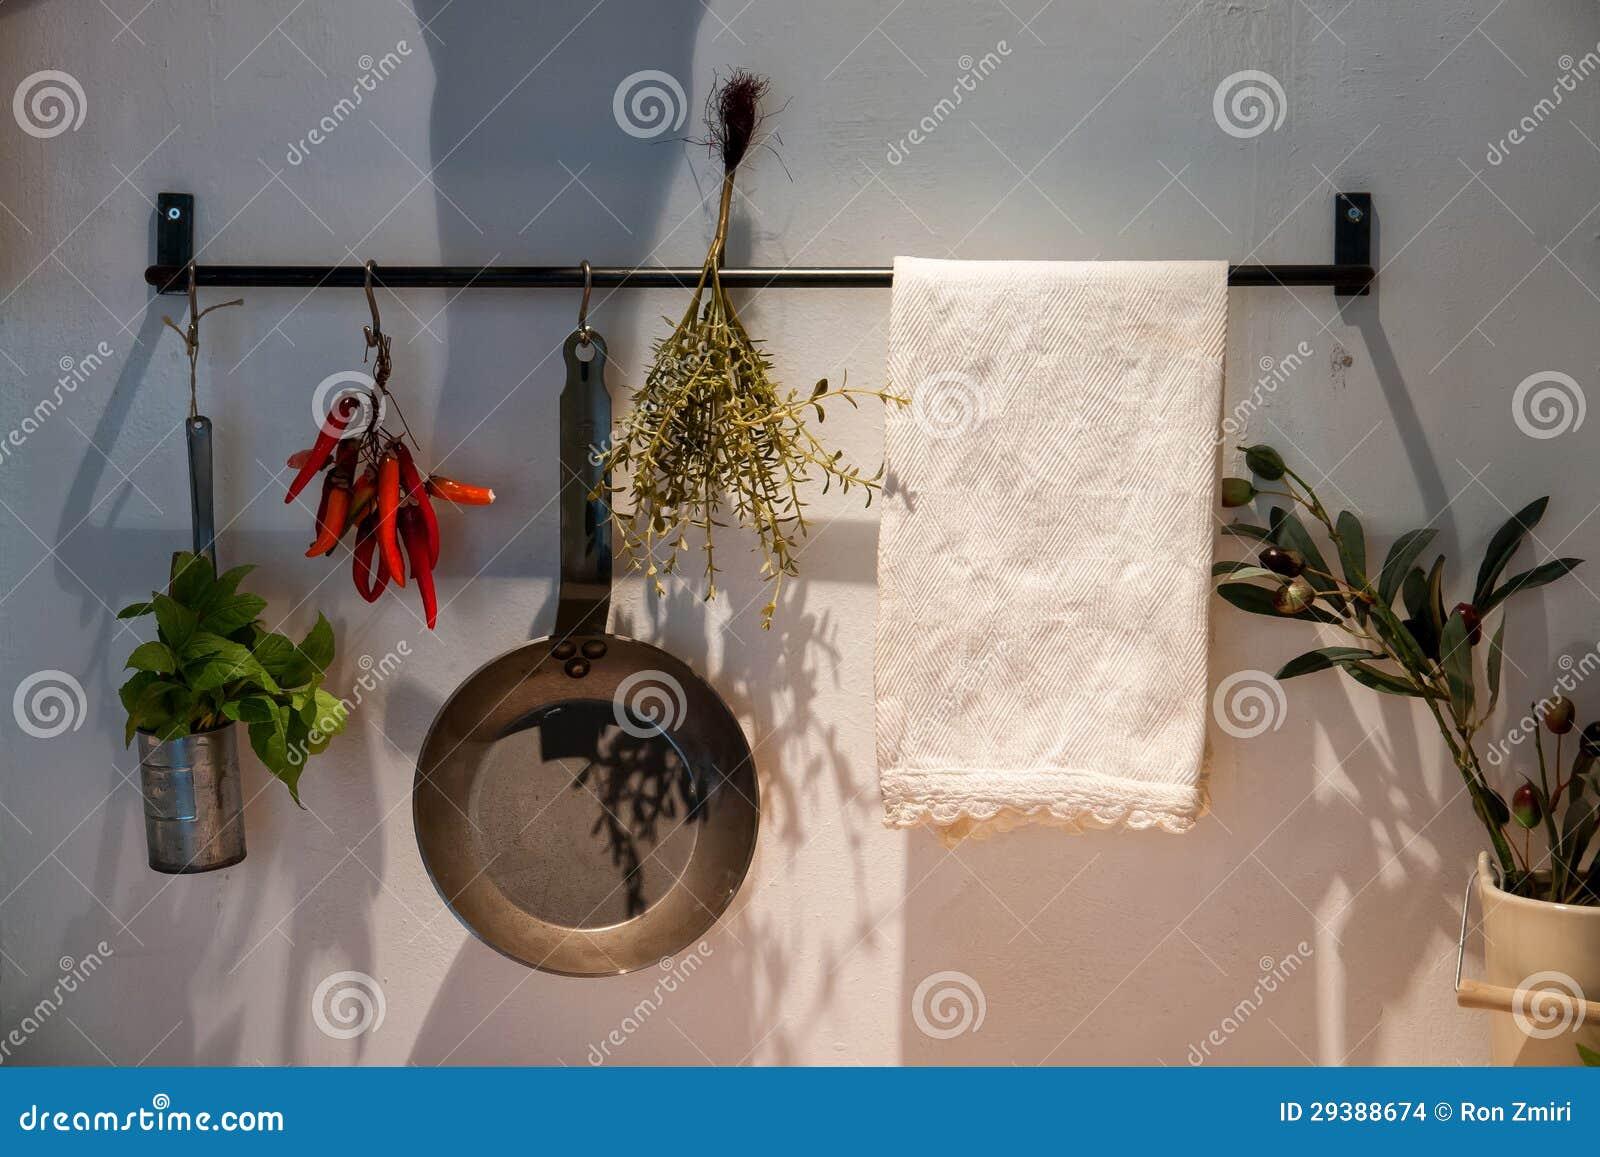 De decoratie van de keuken met het hangen van potten en pannen stock afbeeldingen beeld 29388674 - Decoratie van het interieur ...